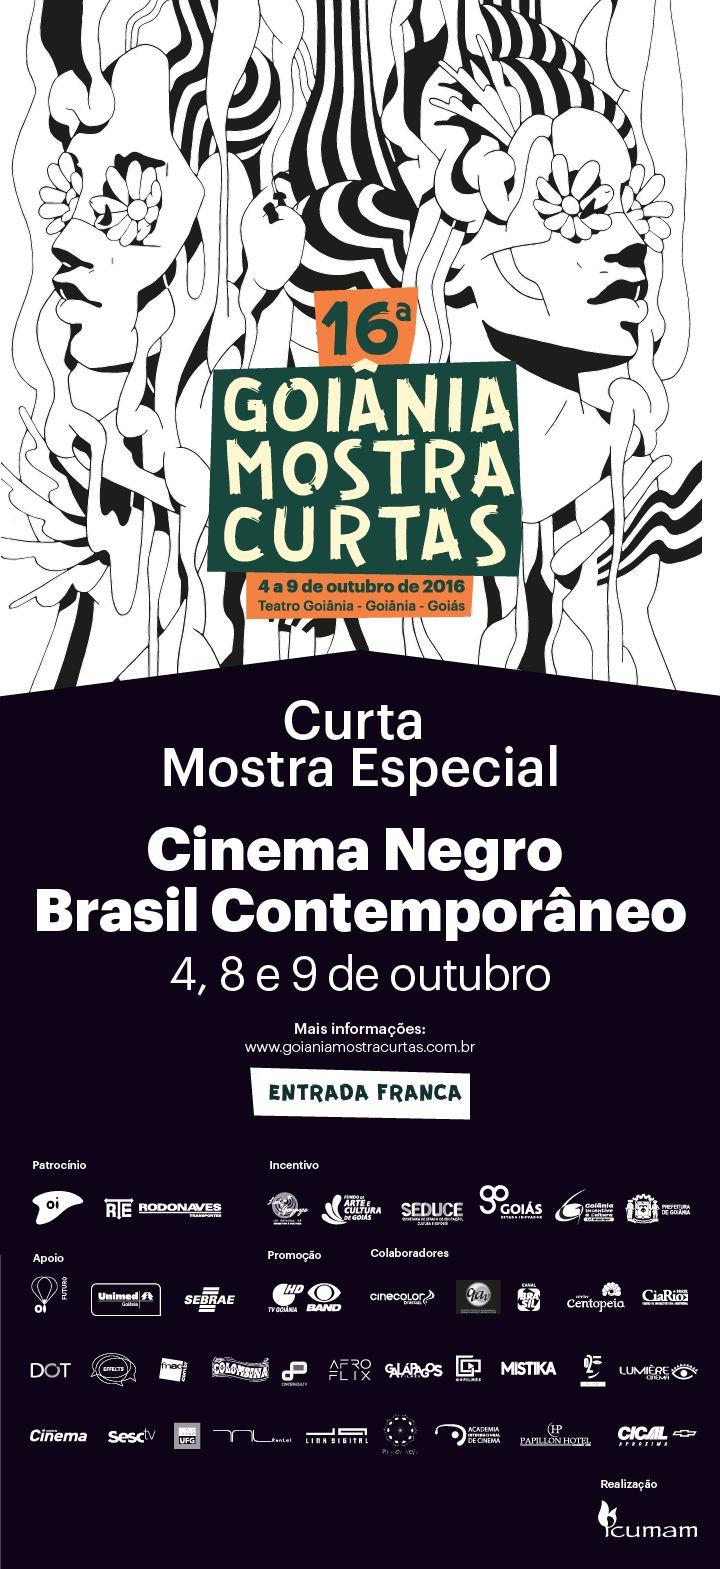 16ª Goiânia Mostra Curtas levanta reflexão e valorização do cinema negro brasileiro